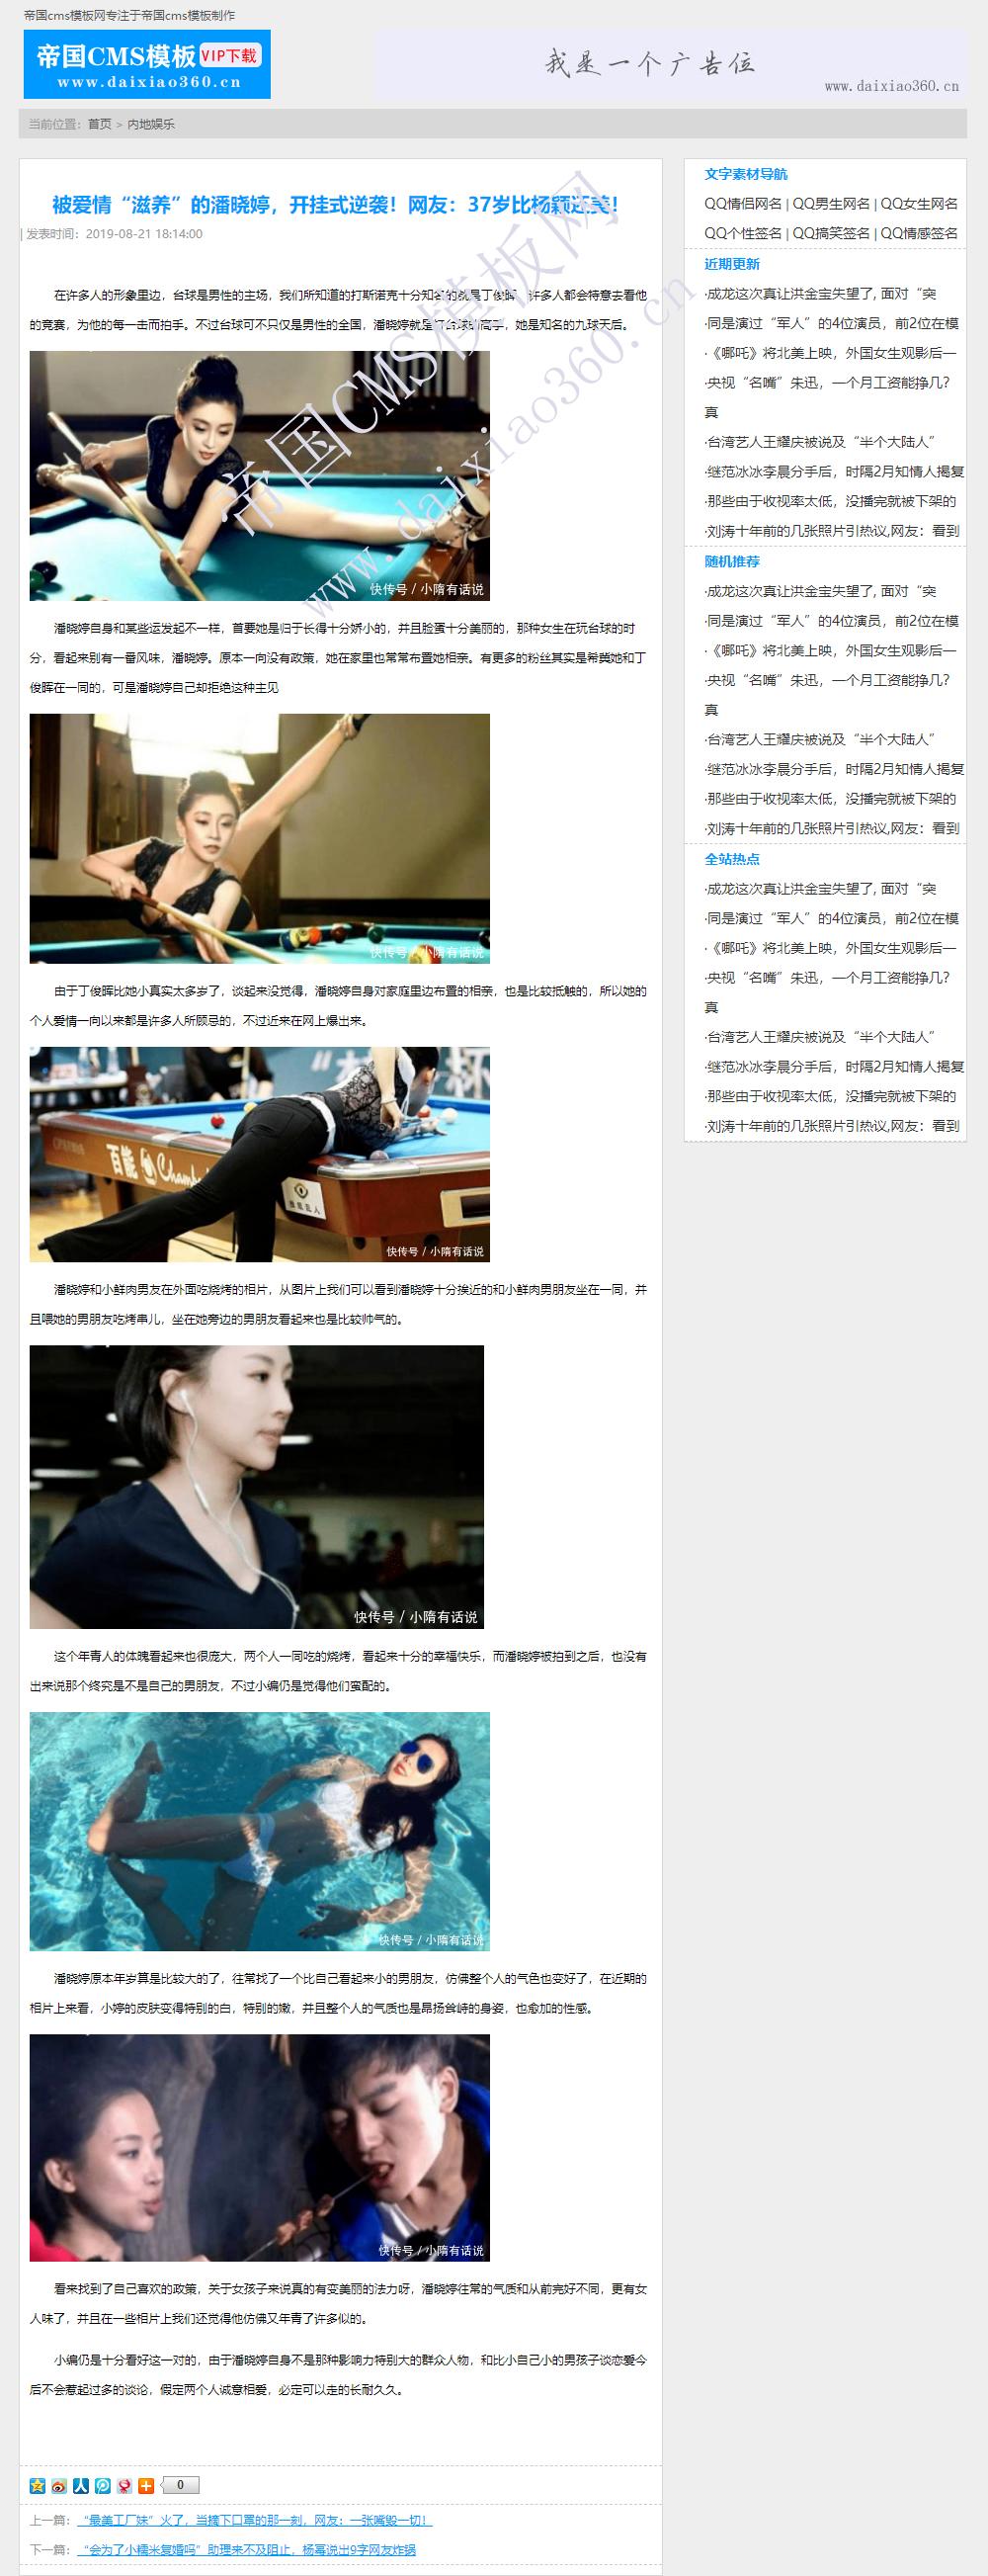 帝国cms图片QQ头像素材网站模板下载-内容页